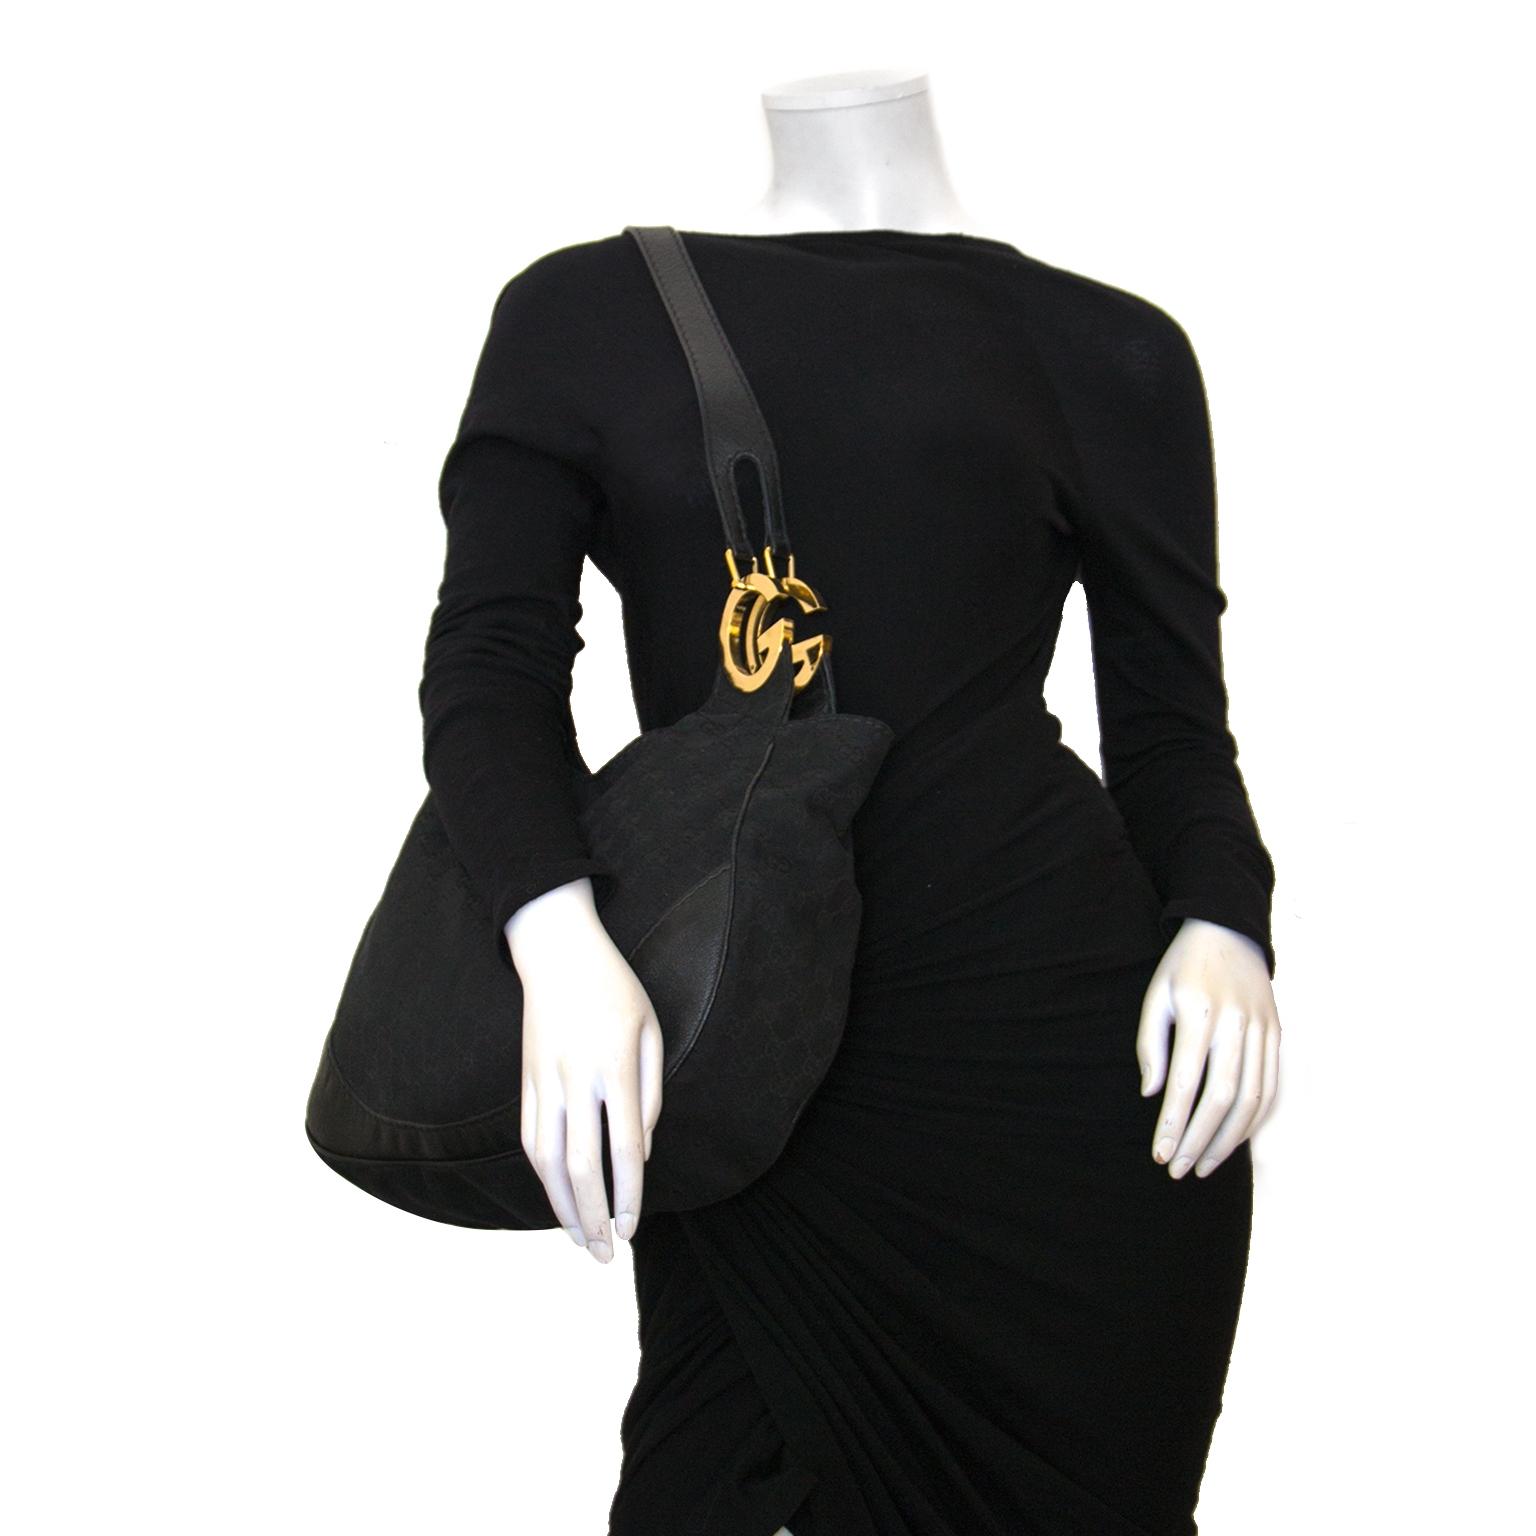 2dd400d7b146fe ... bag now online at labellov vintage fashion webshop belgium Koop  authentieke gucci charlotte black hobo tas bij labellov vintage mode webshop  belgië